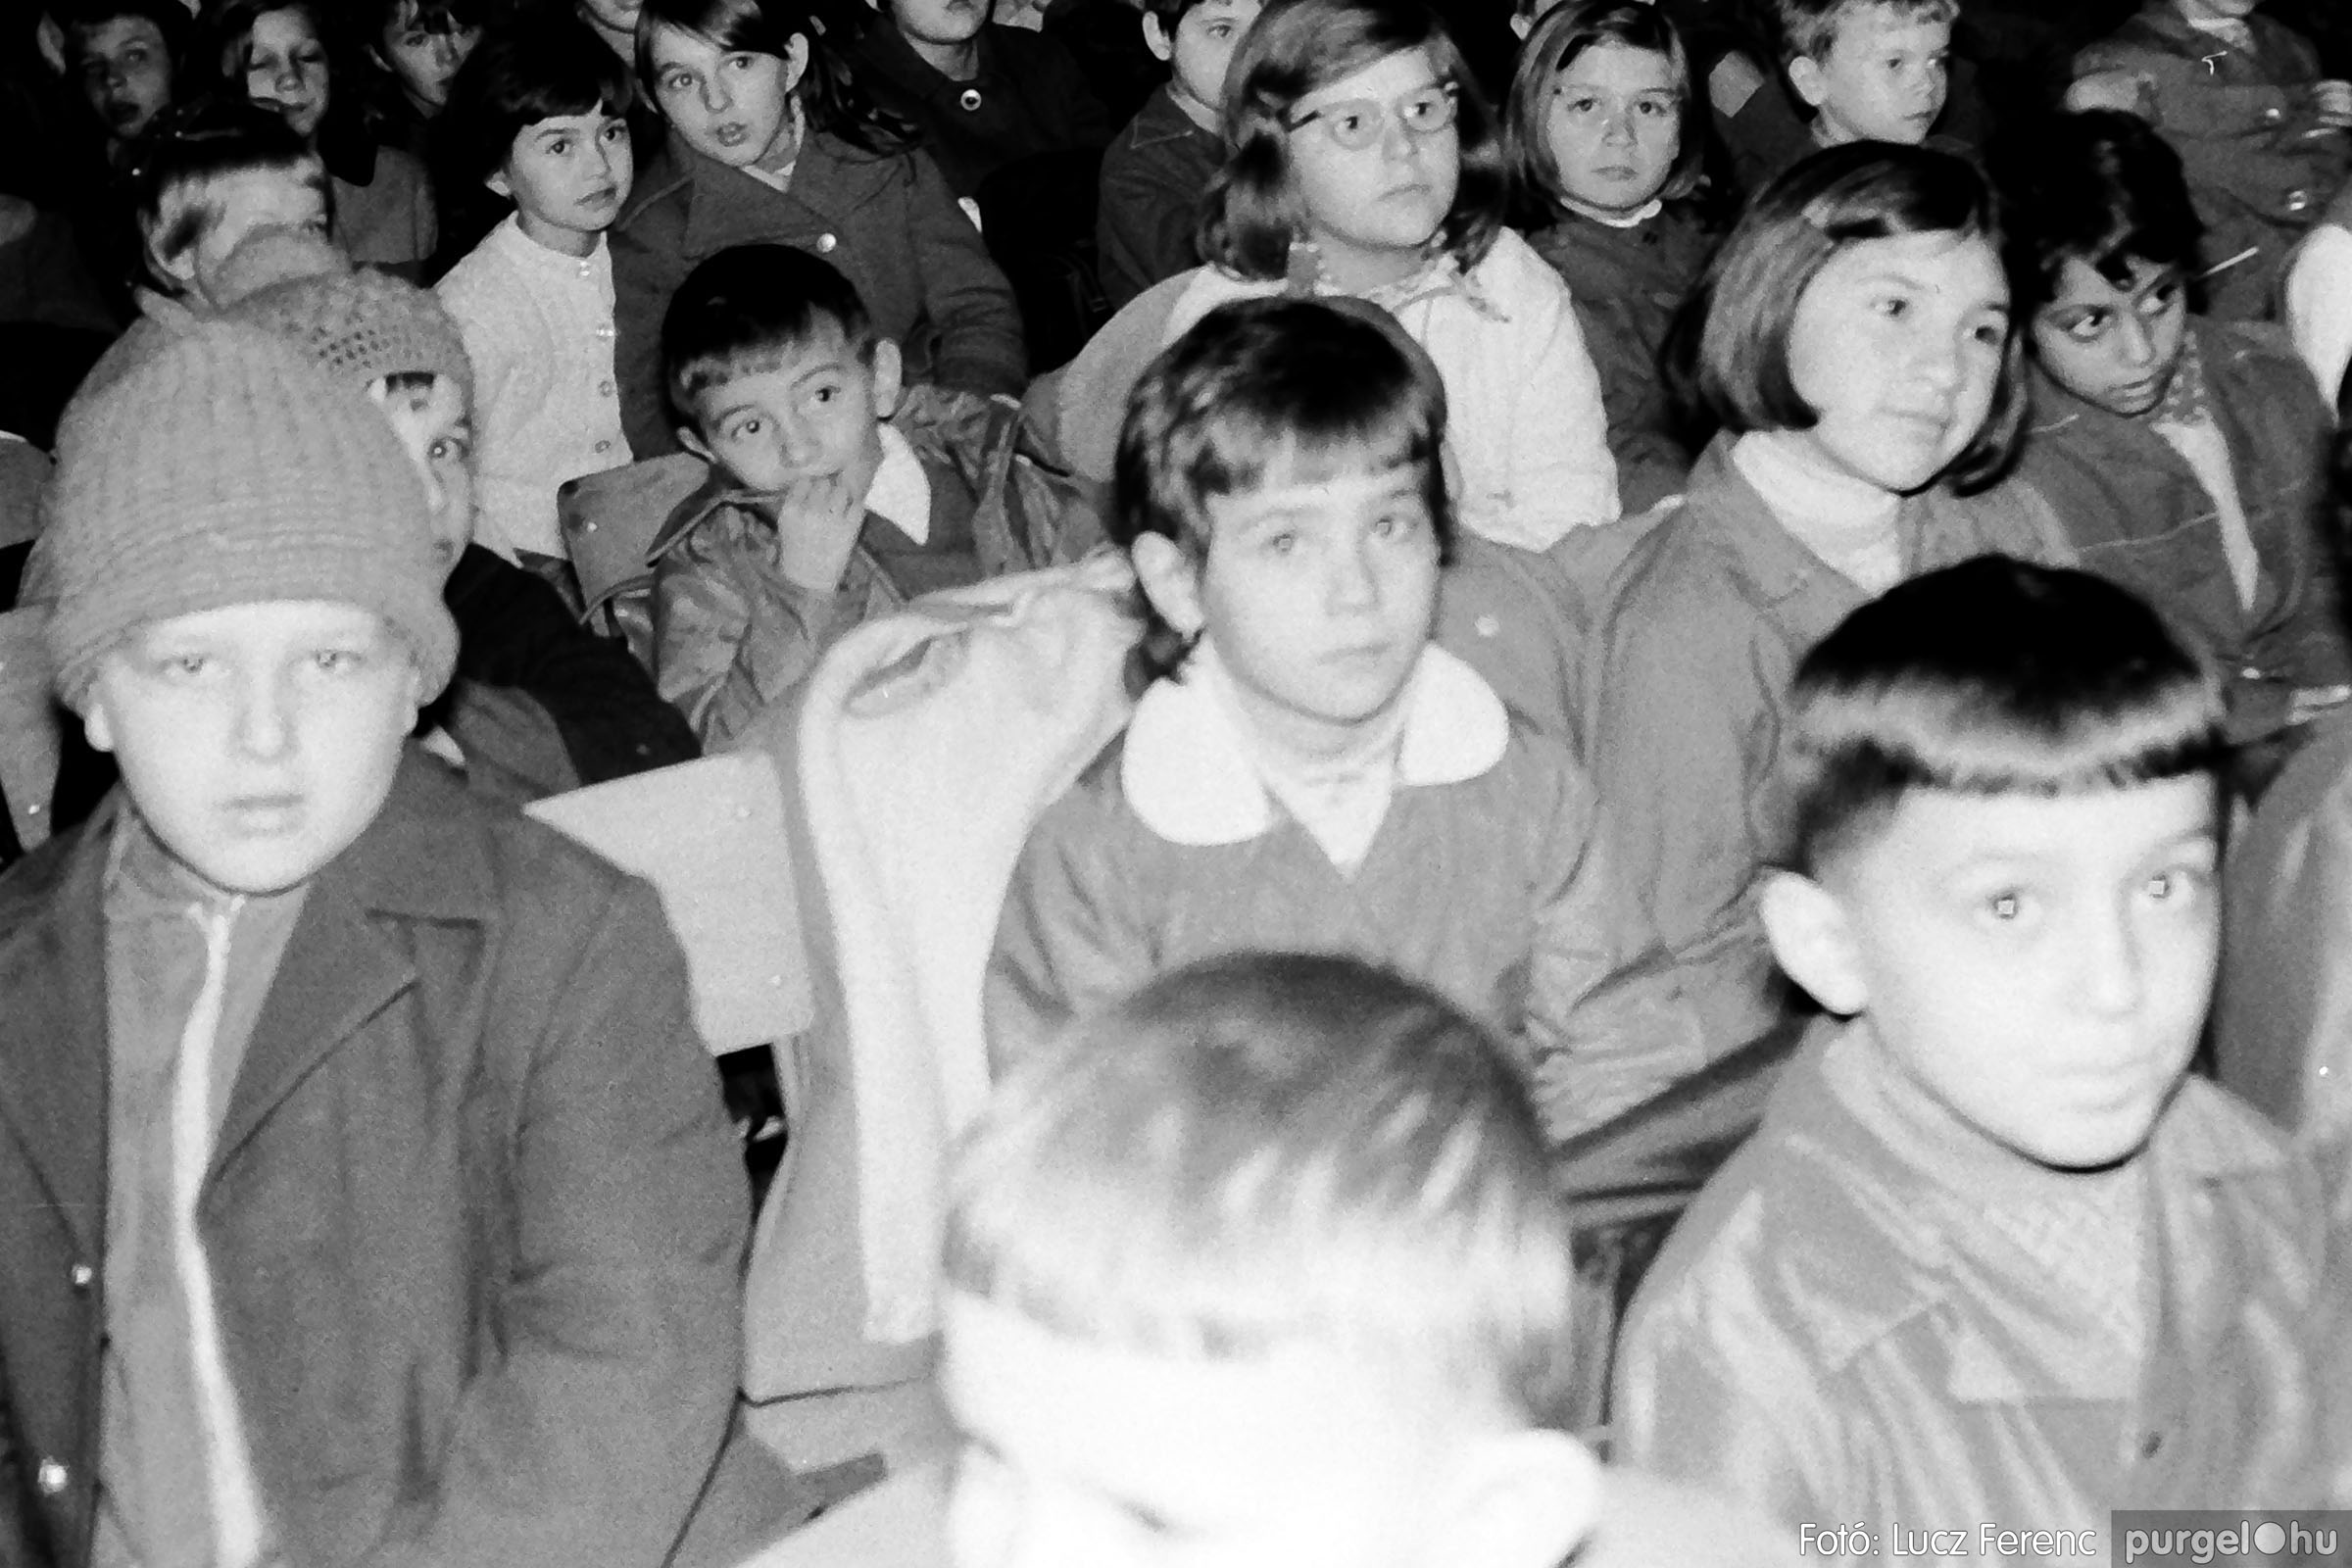 004B 1970-es évek - Bábelőadás 005 - Fotó: Lucz Ferenc IMG00044q.jpg